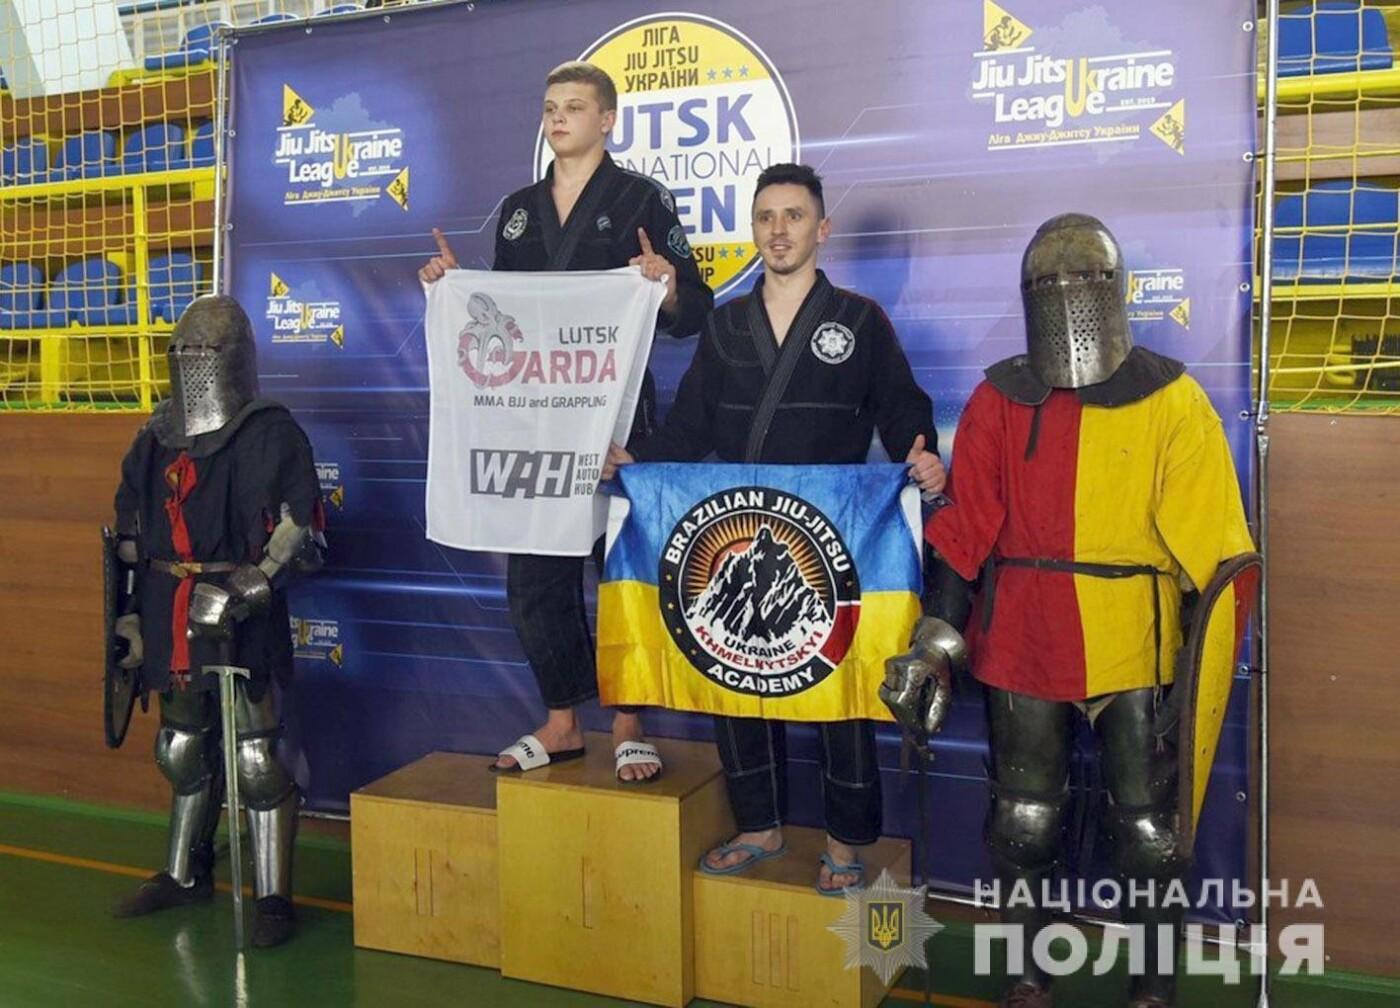 Хмельницький ТОРівець став чемпіоном України з джиу-джитсу, фото-3